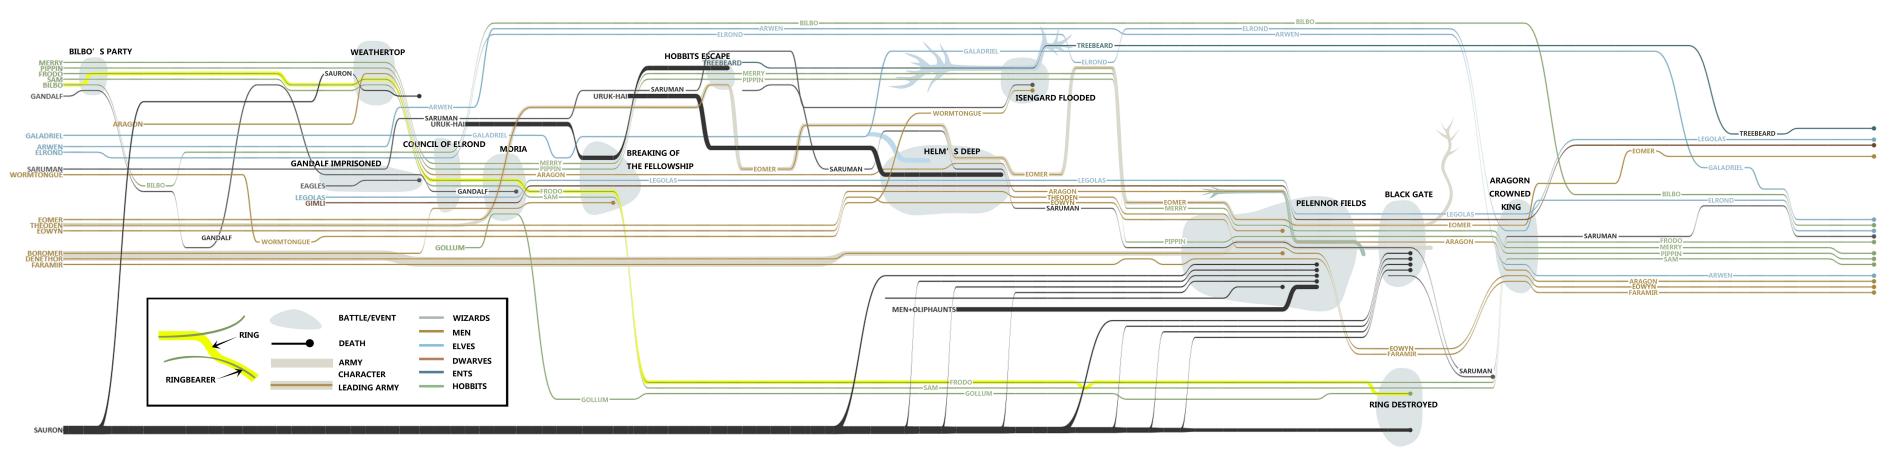 文本数据可视化(下)——一图胜千言